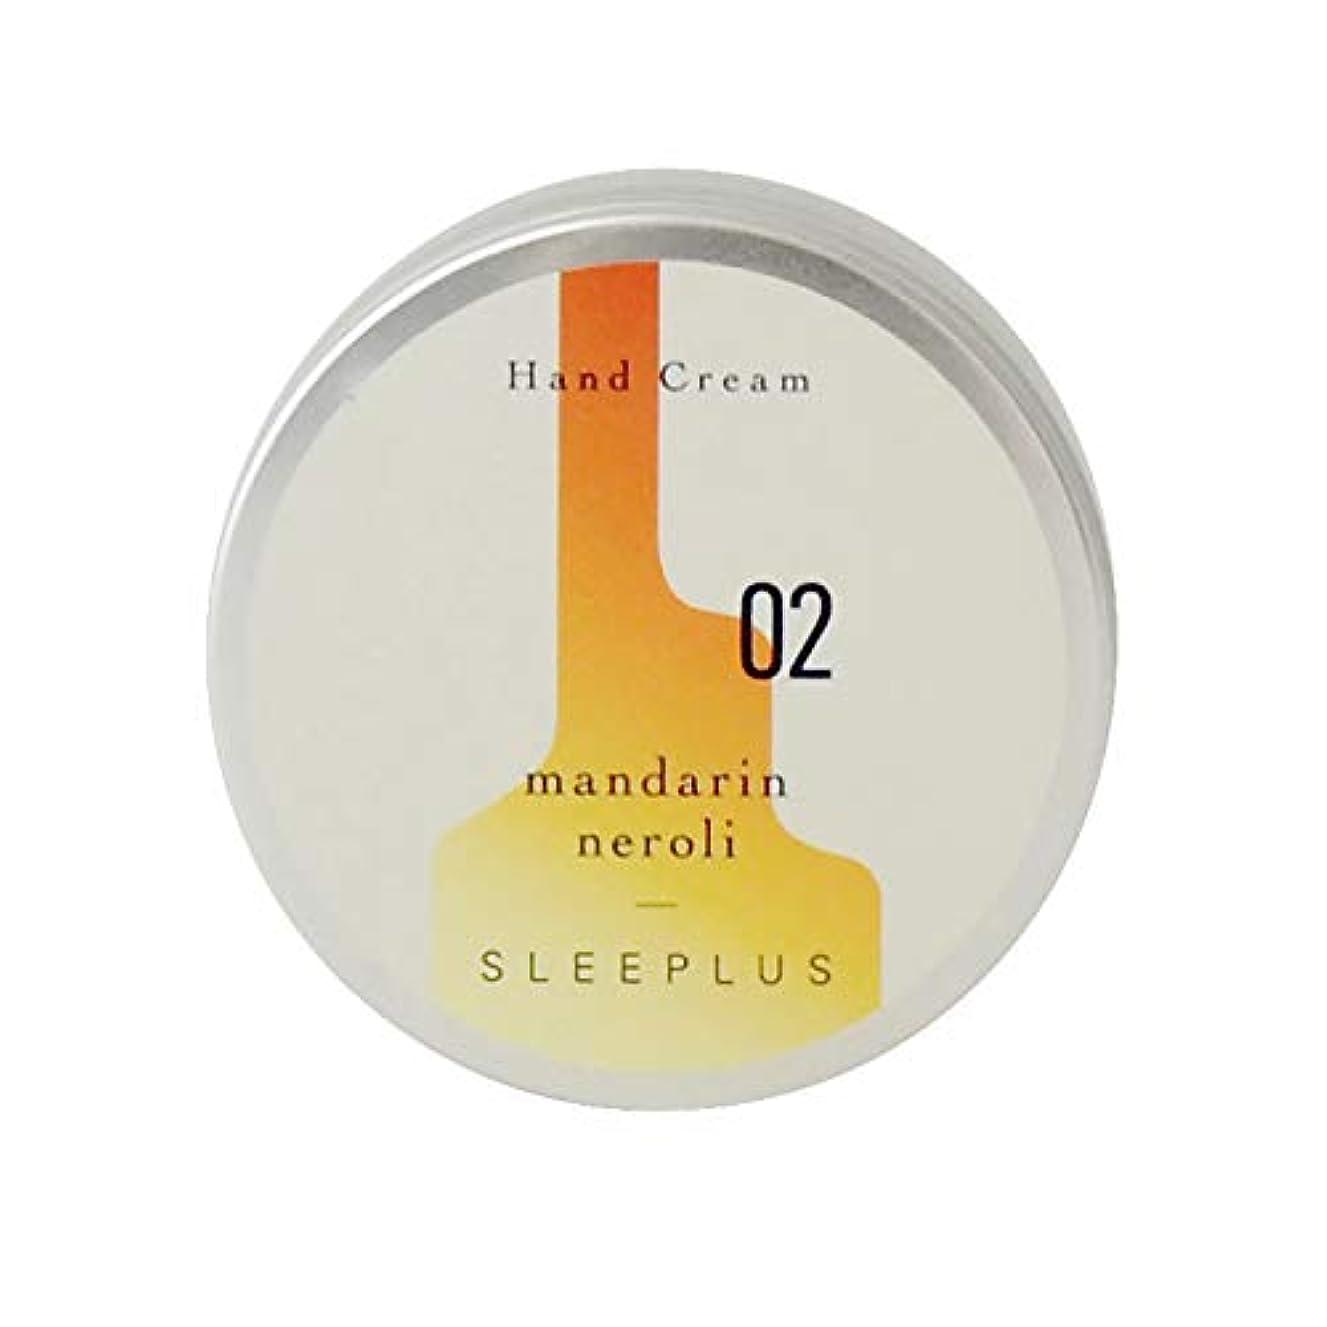 衣類ジャンクウィンクHeavenly Aroom ハンドクリーム SLEEPLUS 02 マンダリンネロリ 75g